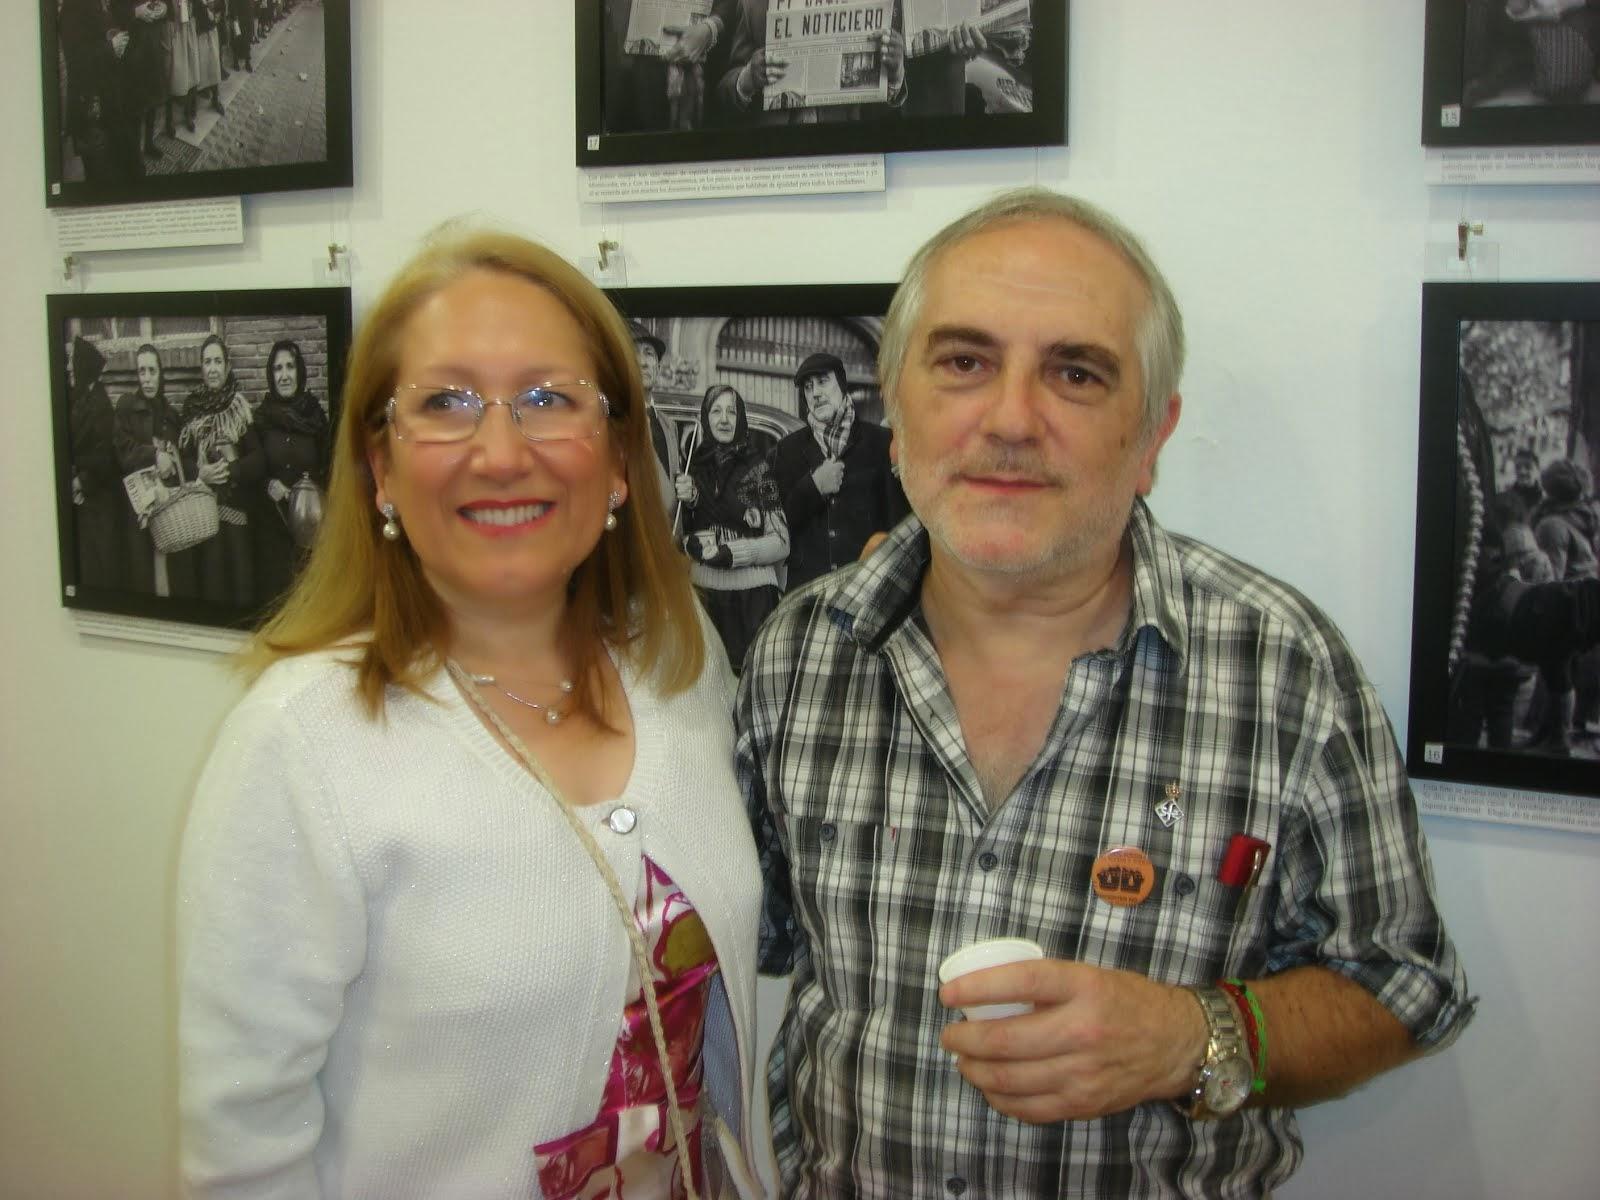 Sala de Exposiciones Gil Marraco.  Real Sociedad Fotográfica de Zaragoza.  C/ Luis del Valle, 4-6